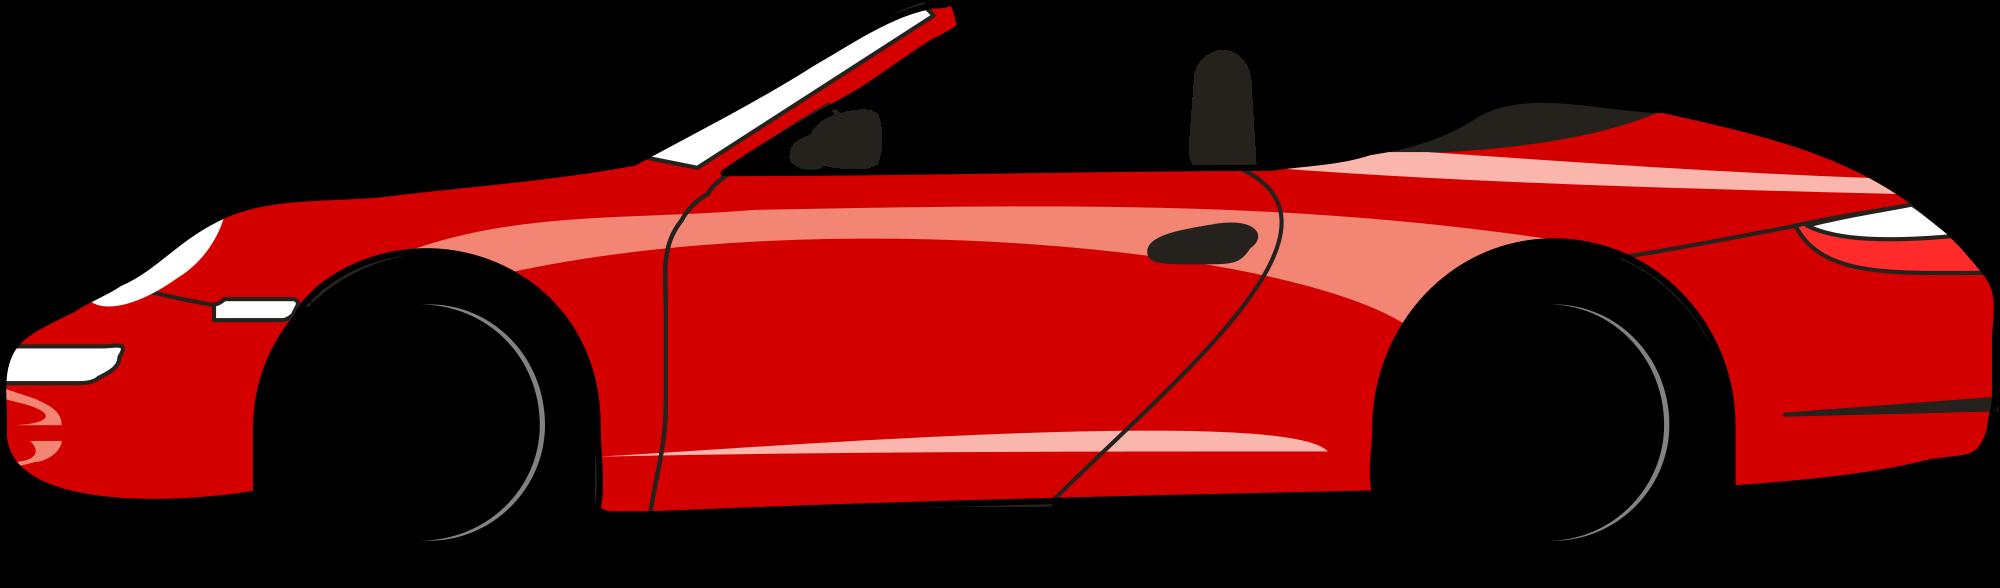 Car Clipart #203